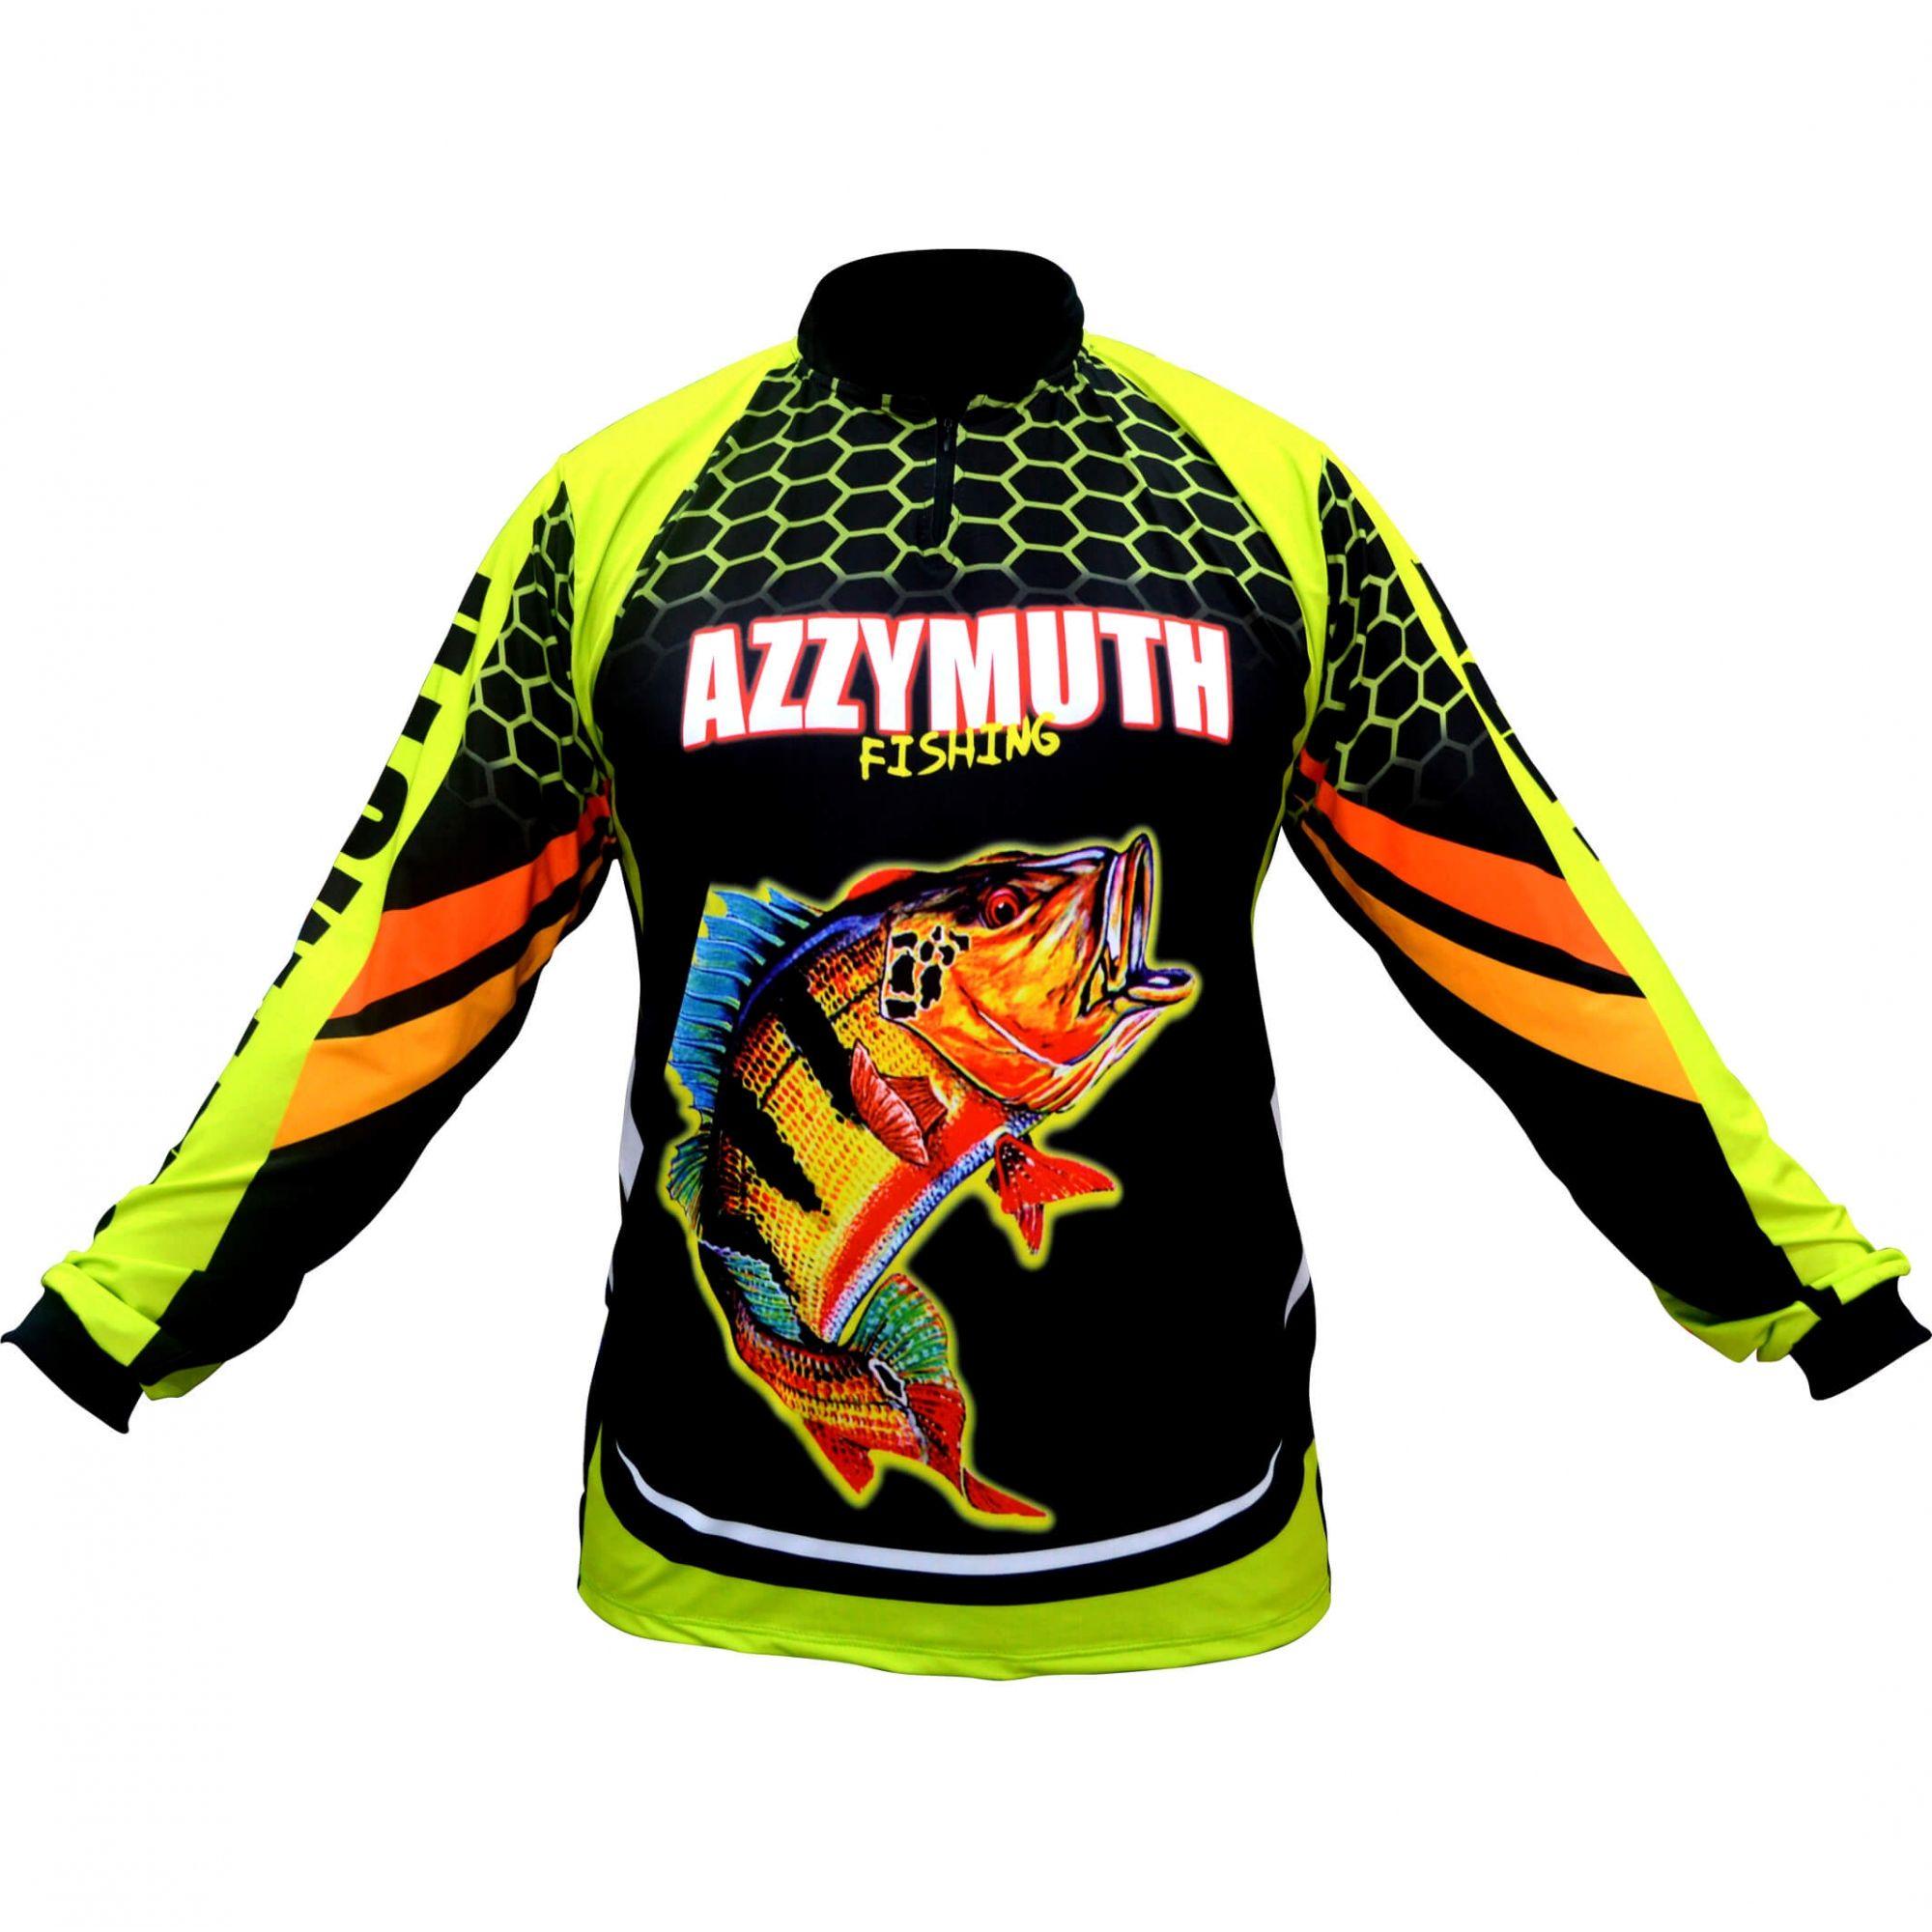 Camiseta Pesca Azzymuth Dry Fit Tucunaré - Verde/preto